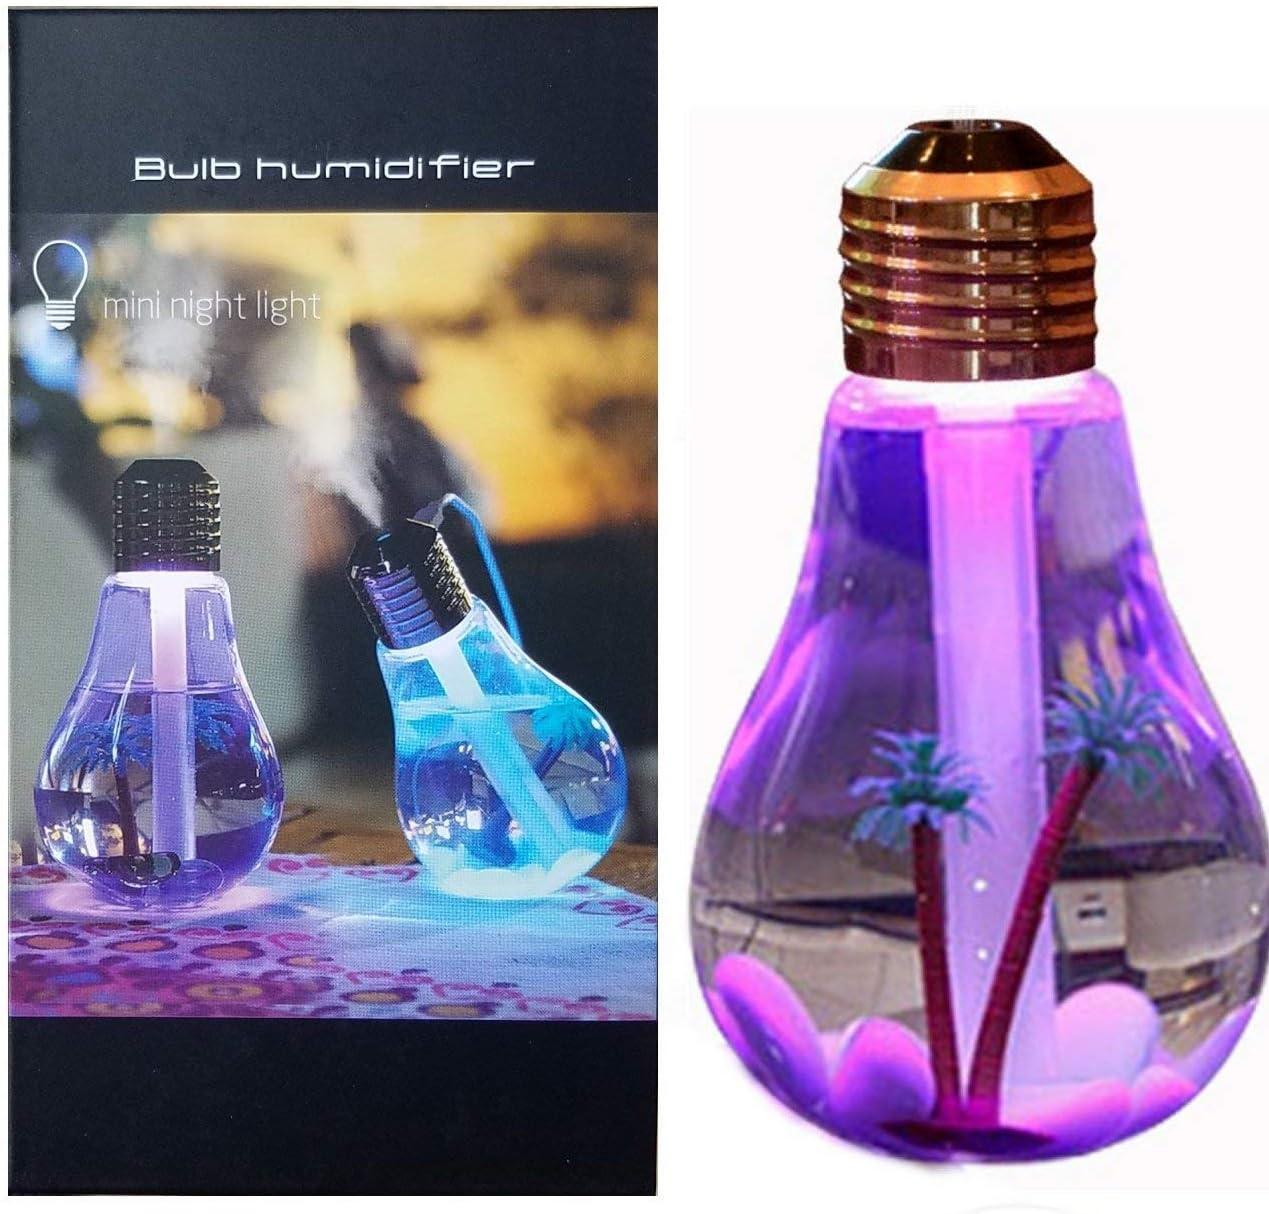 Gran Capacidad de 800ML Pantalla LED humidificador de Niebla fr/ía difusor de Aroma de Aceite Aromaterapia para la Oficina en Baoblaze Humidificadores USB